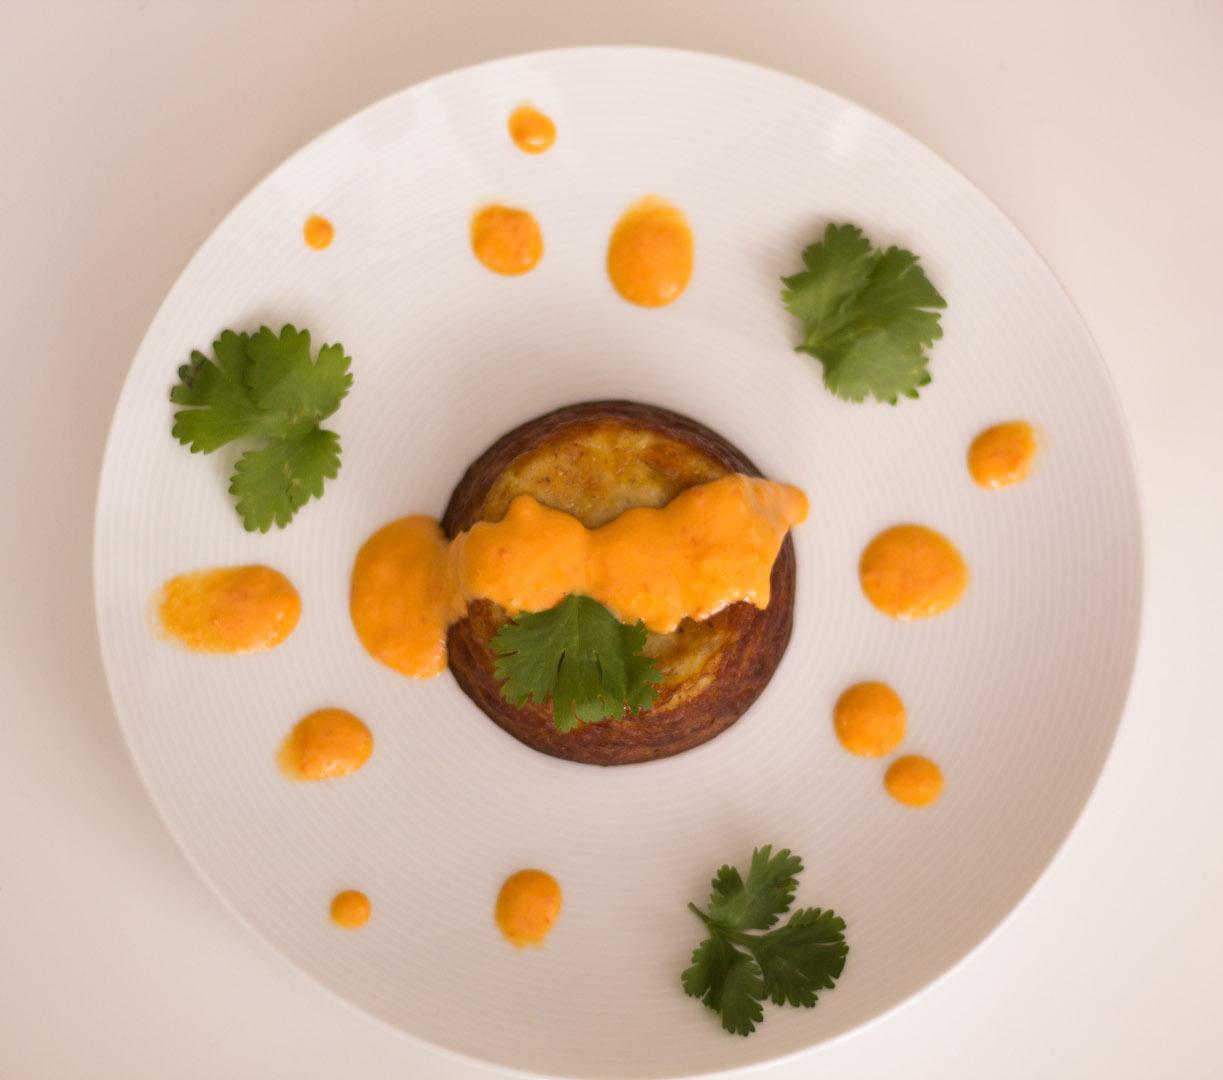 Receta de Mousse de plátano con salsa de ají dulce